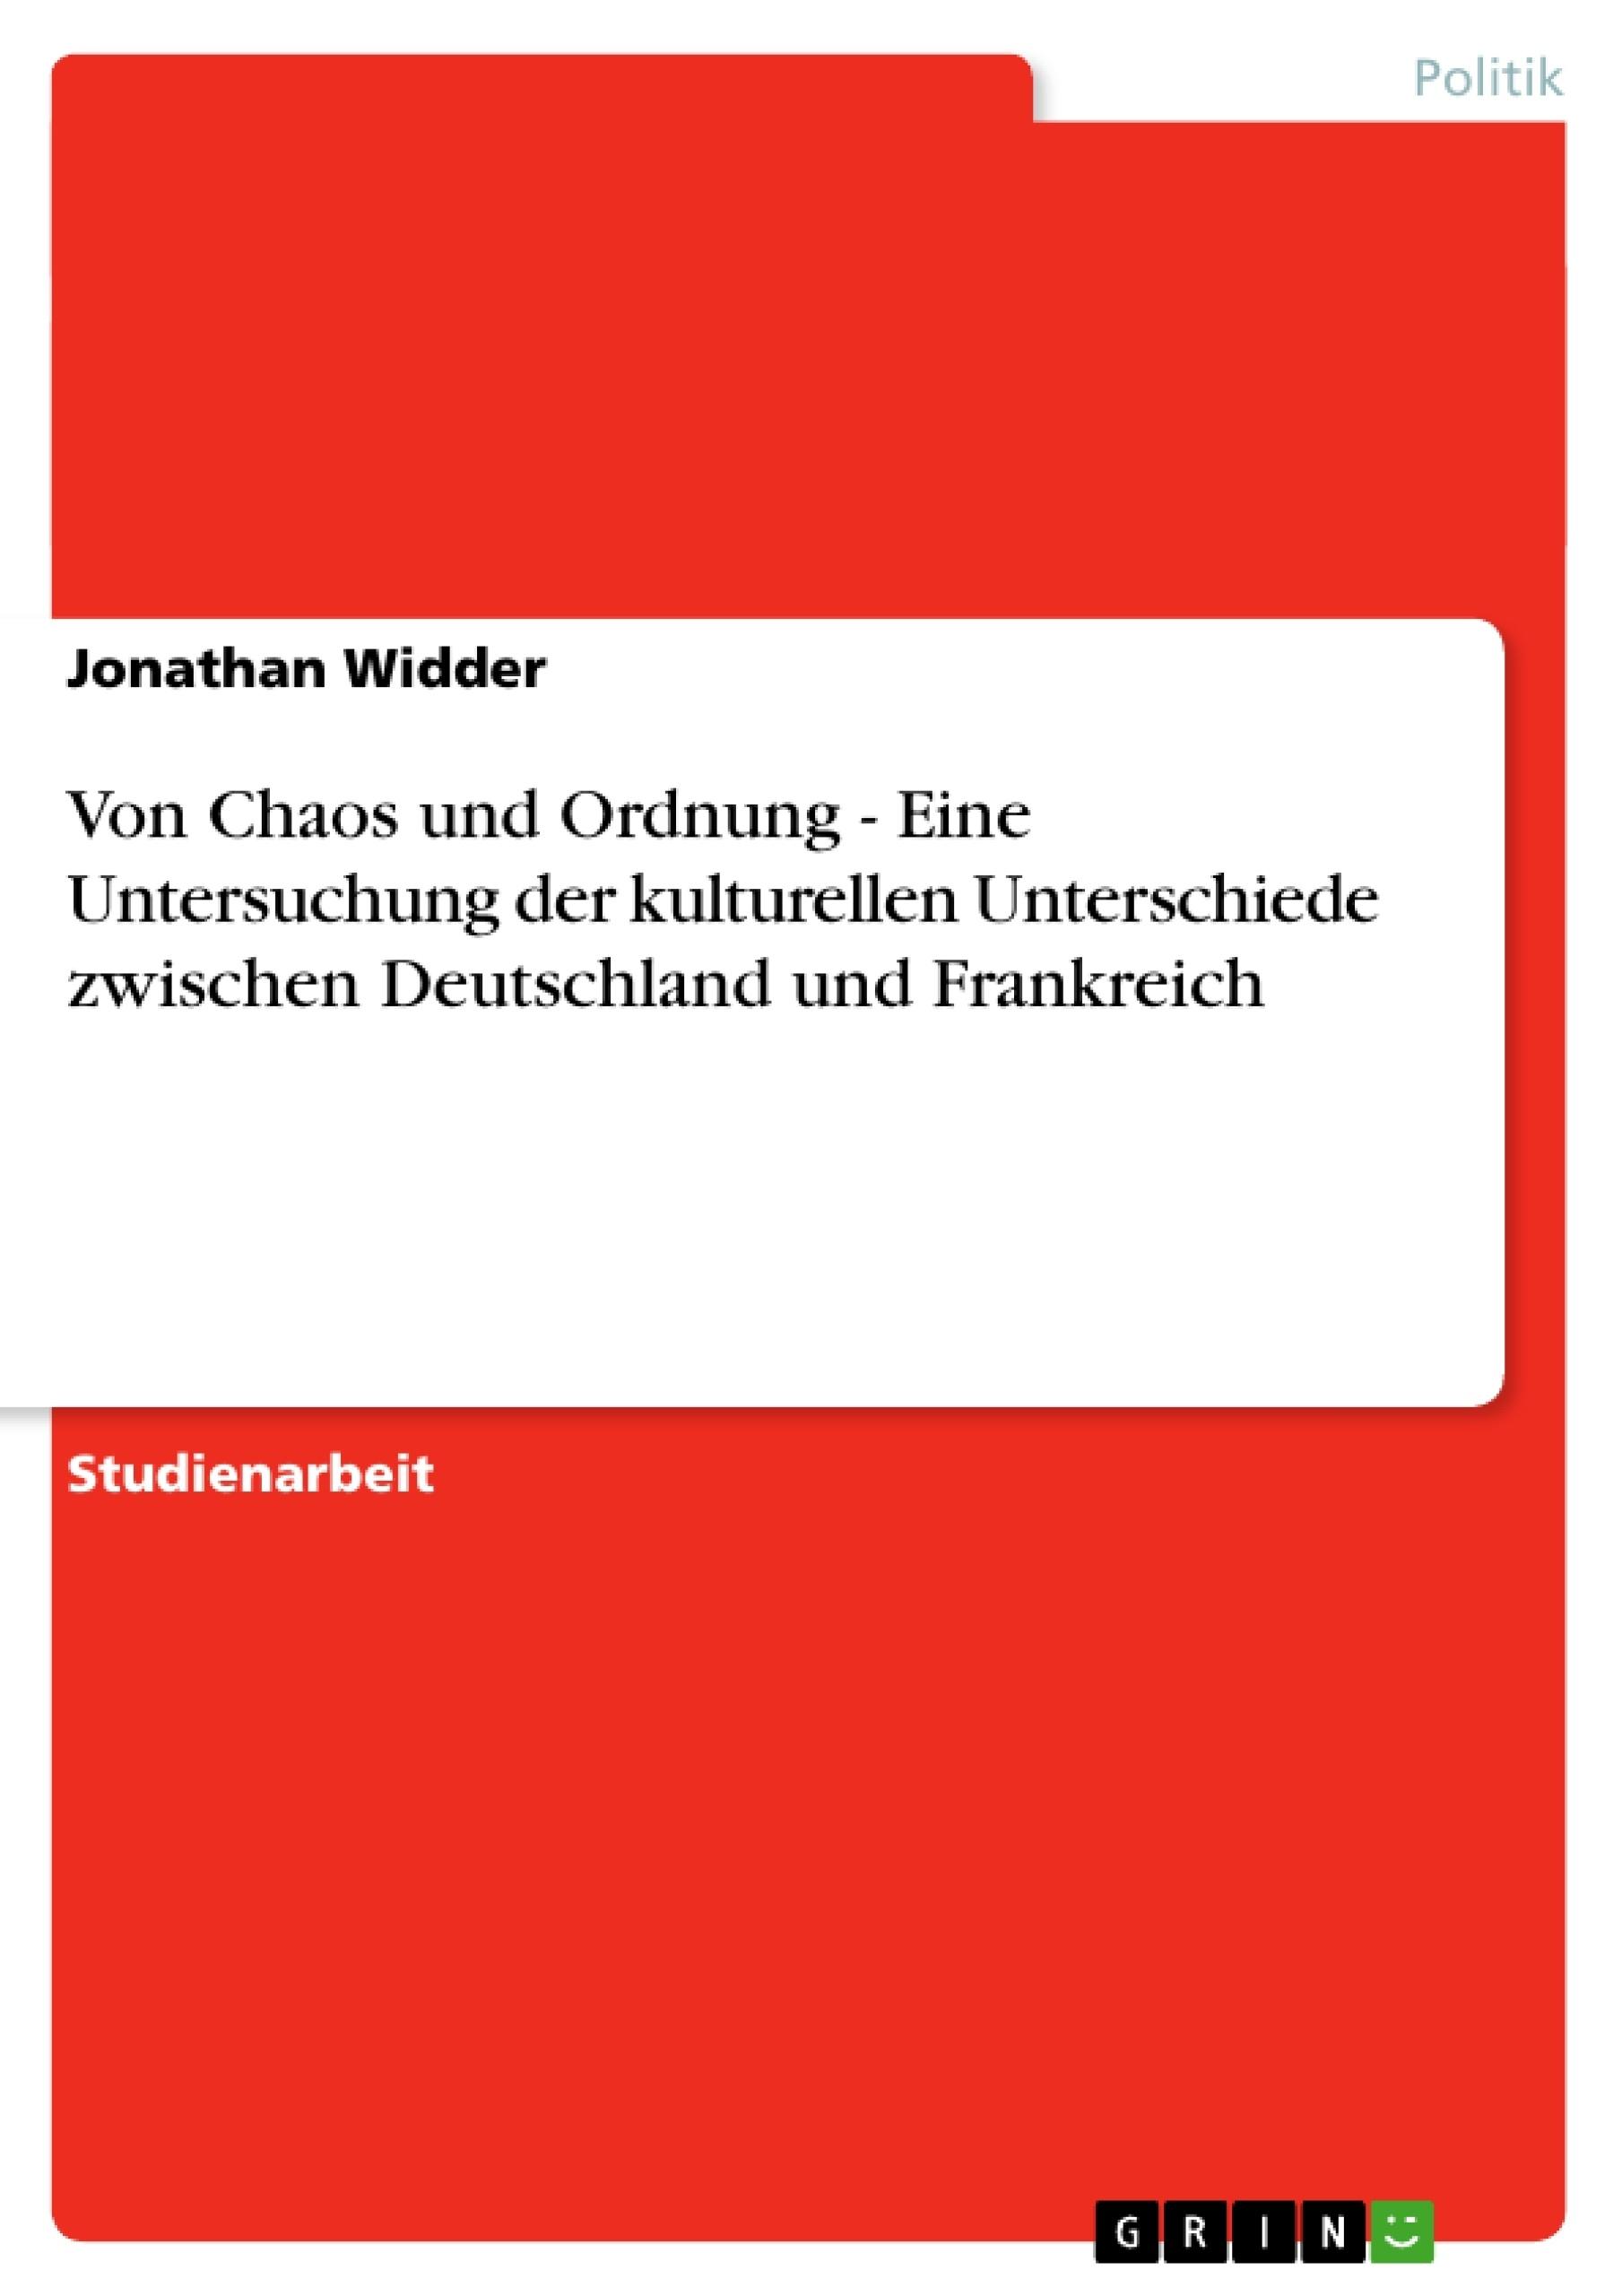 Titel: Von Chaos und Ordnung - Eine Untersuchung der kulturellen Unterschiede zwischen Deutschland und Frankreich